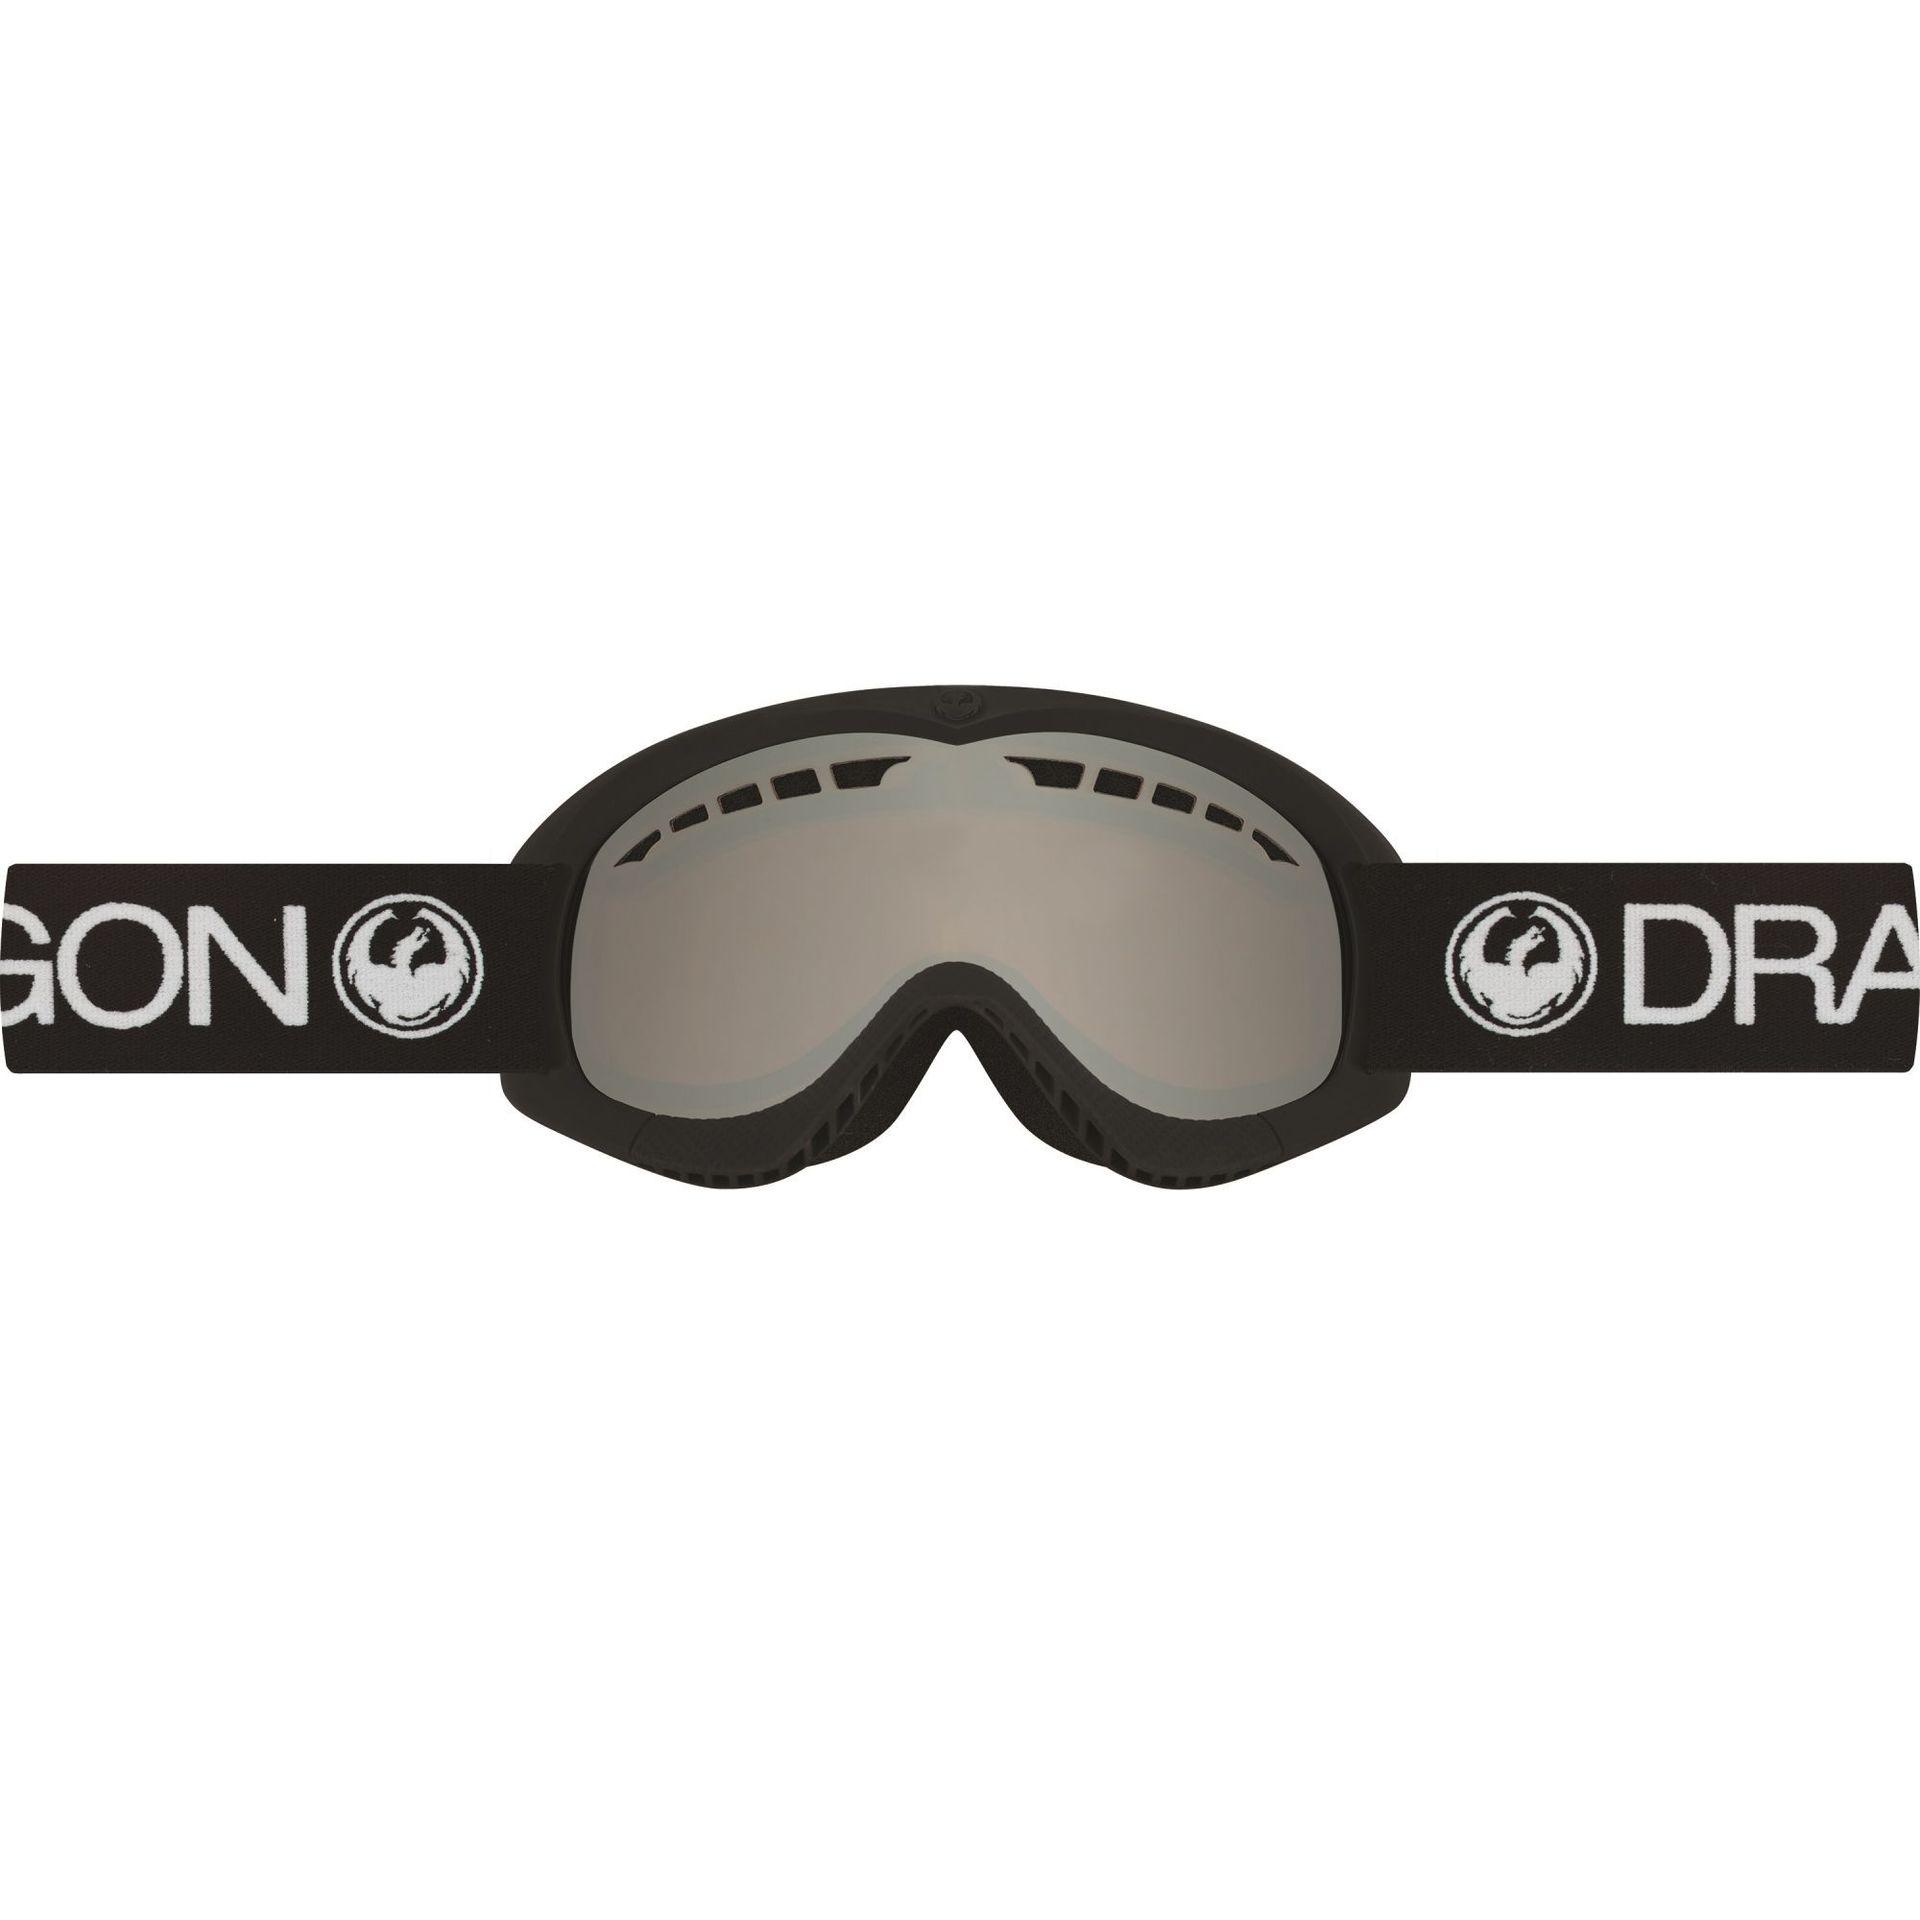 GOGLE DRAGON DXS 4971 1